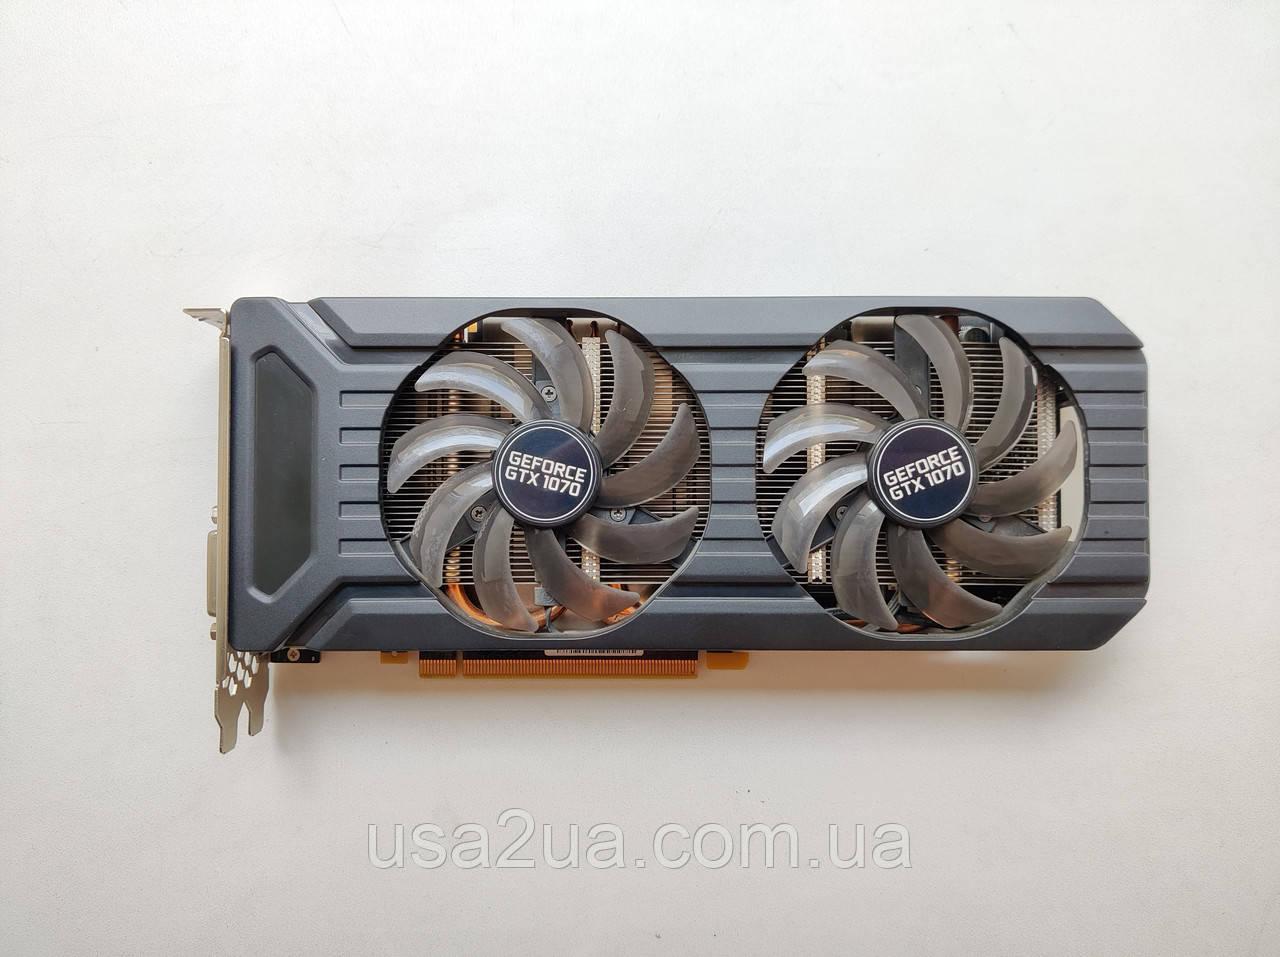 Відеокарта PNY GeForce GTX 1070 8GB gddr5 256 BIT гарантія кредит